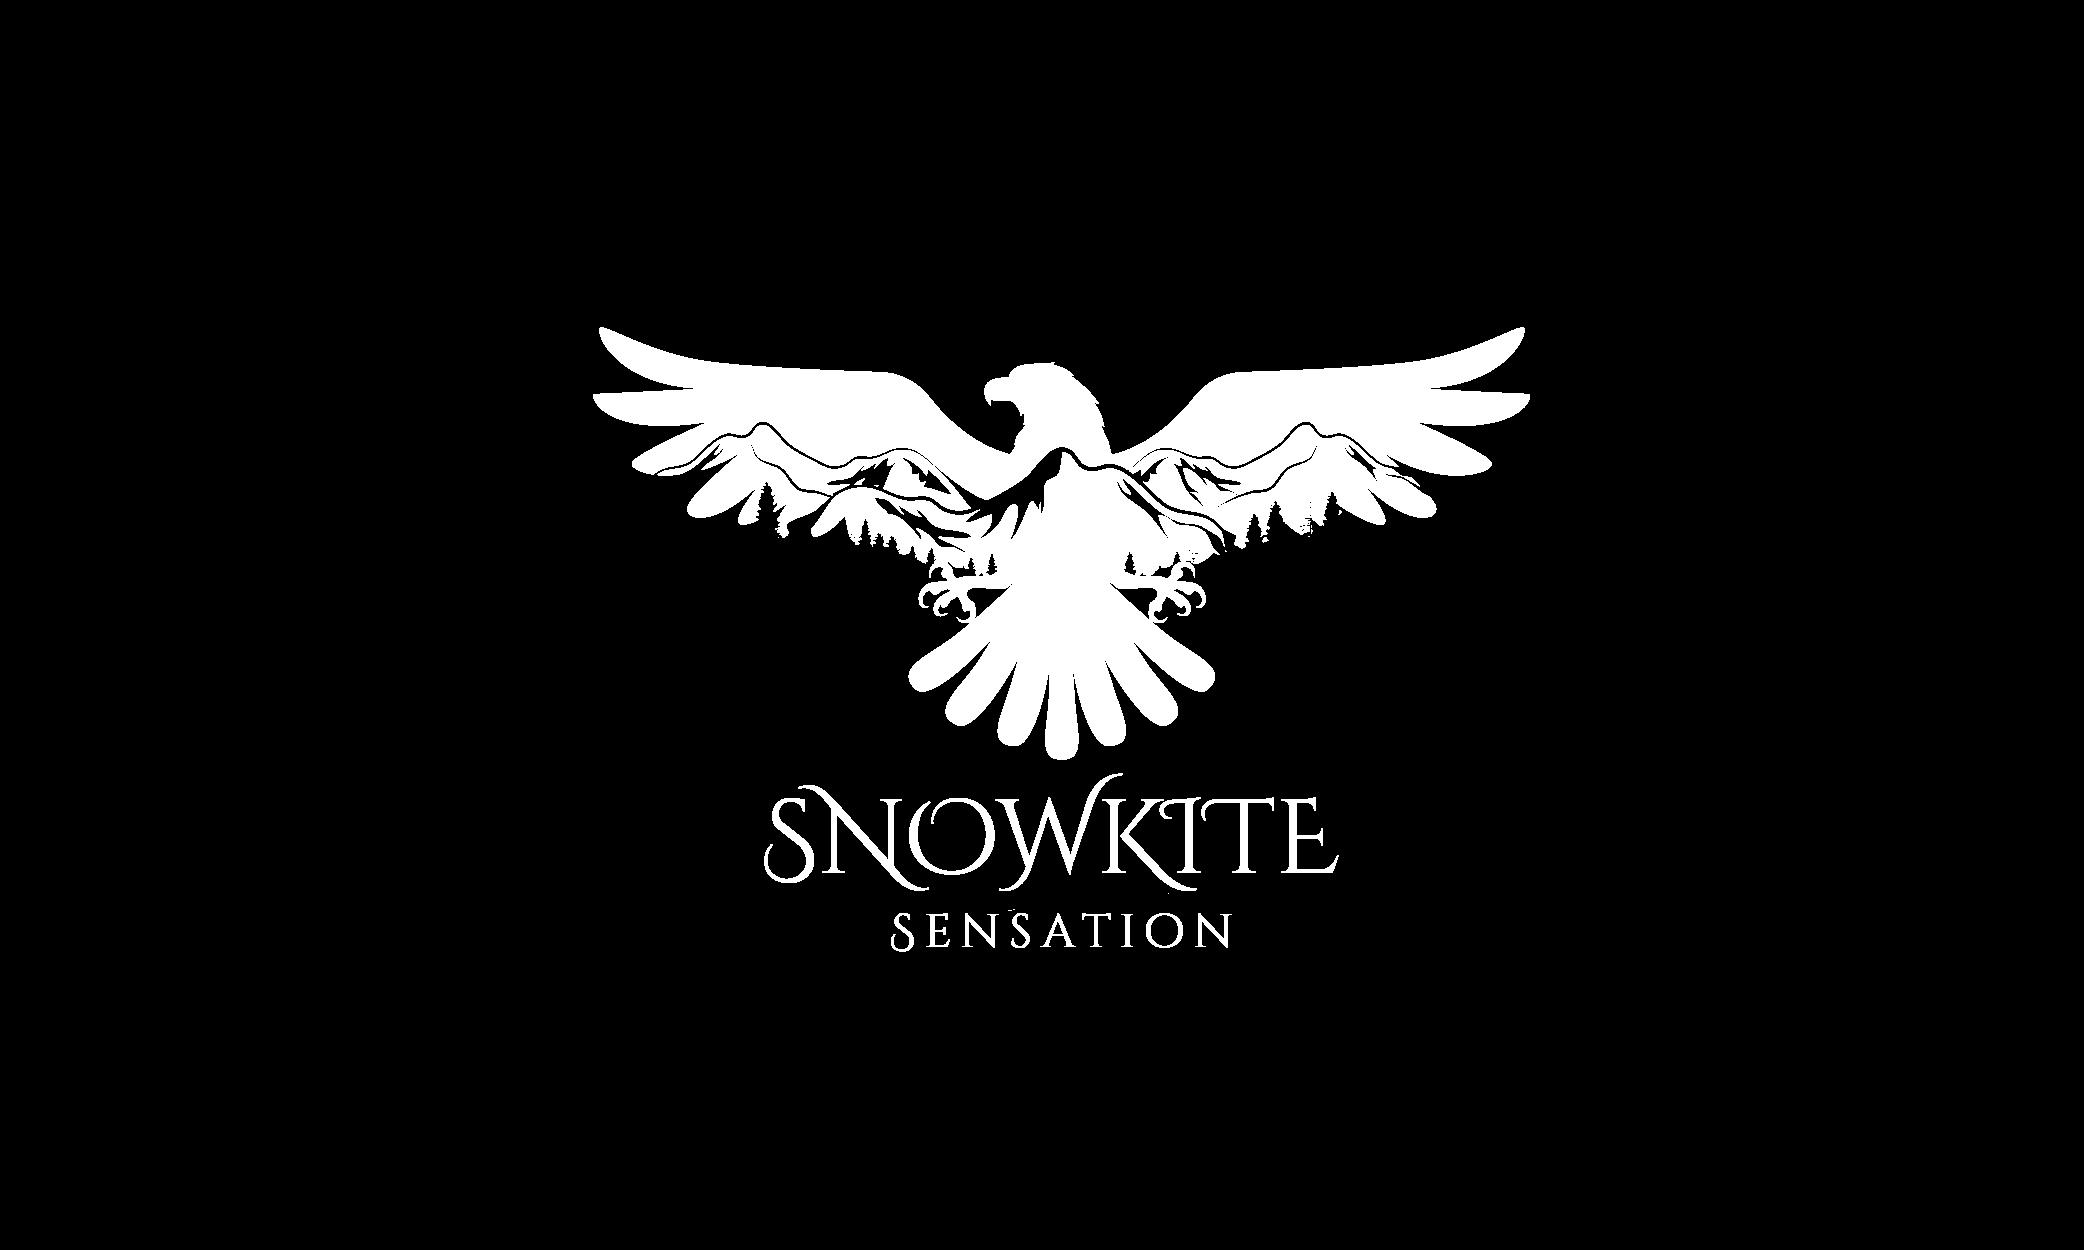 snowkite sensation logo